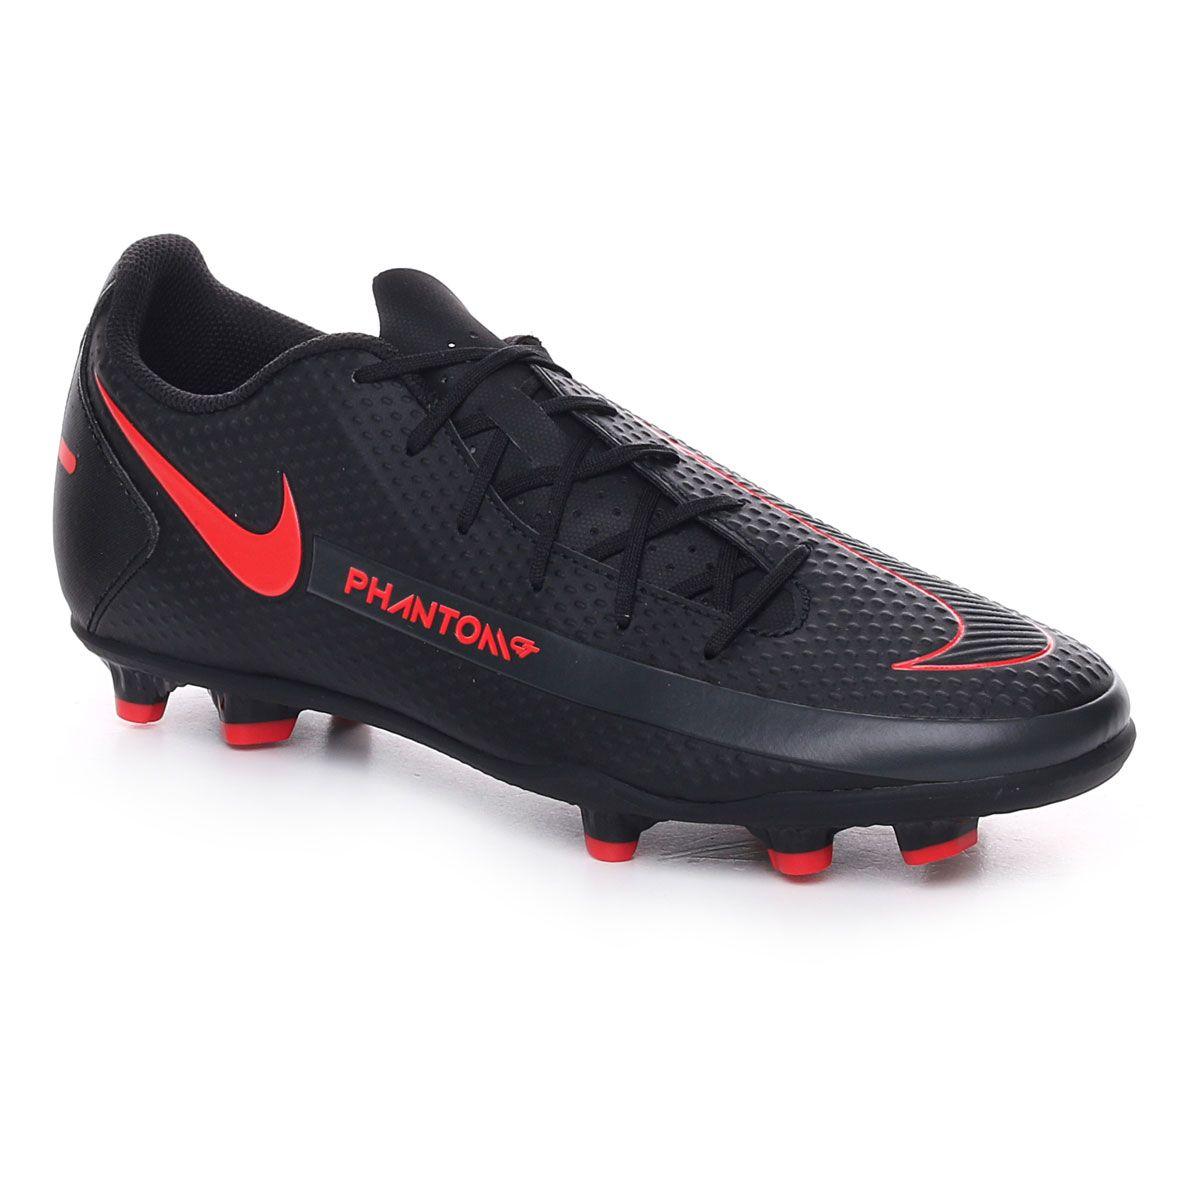 Nike Phantom Gt Club Fg/Mg Uomo Nero Rosso